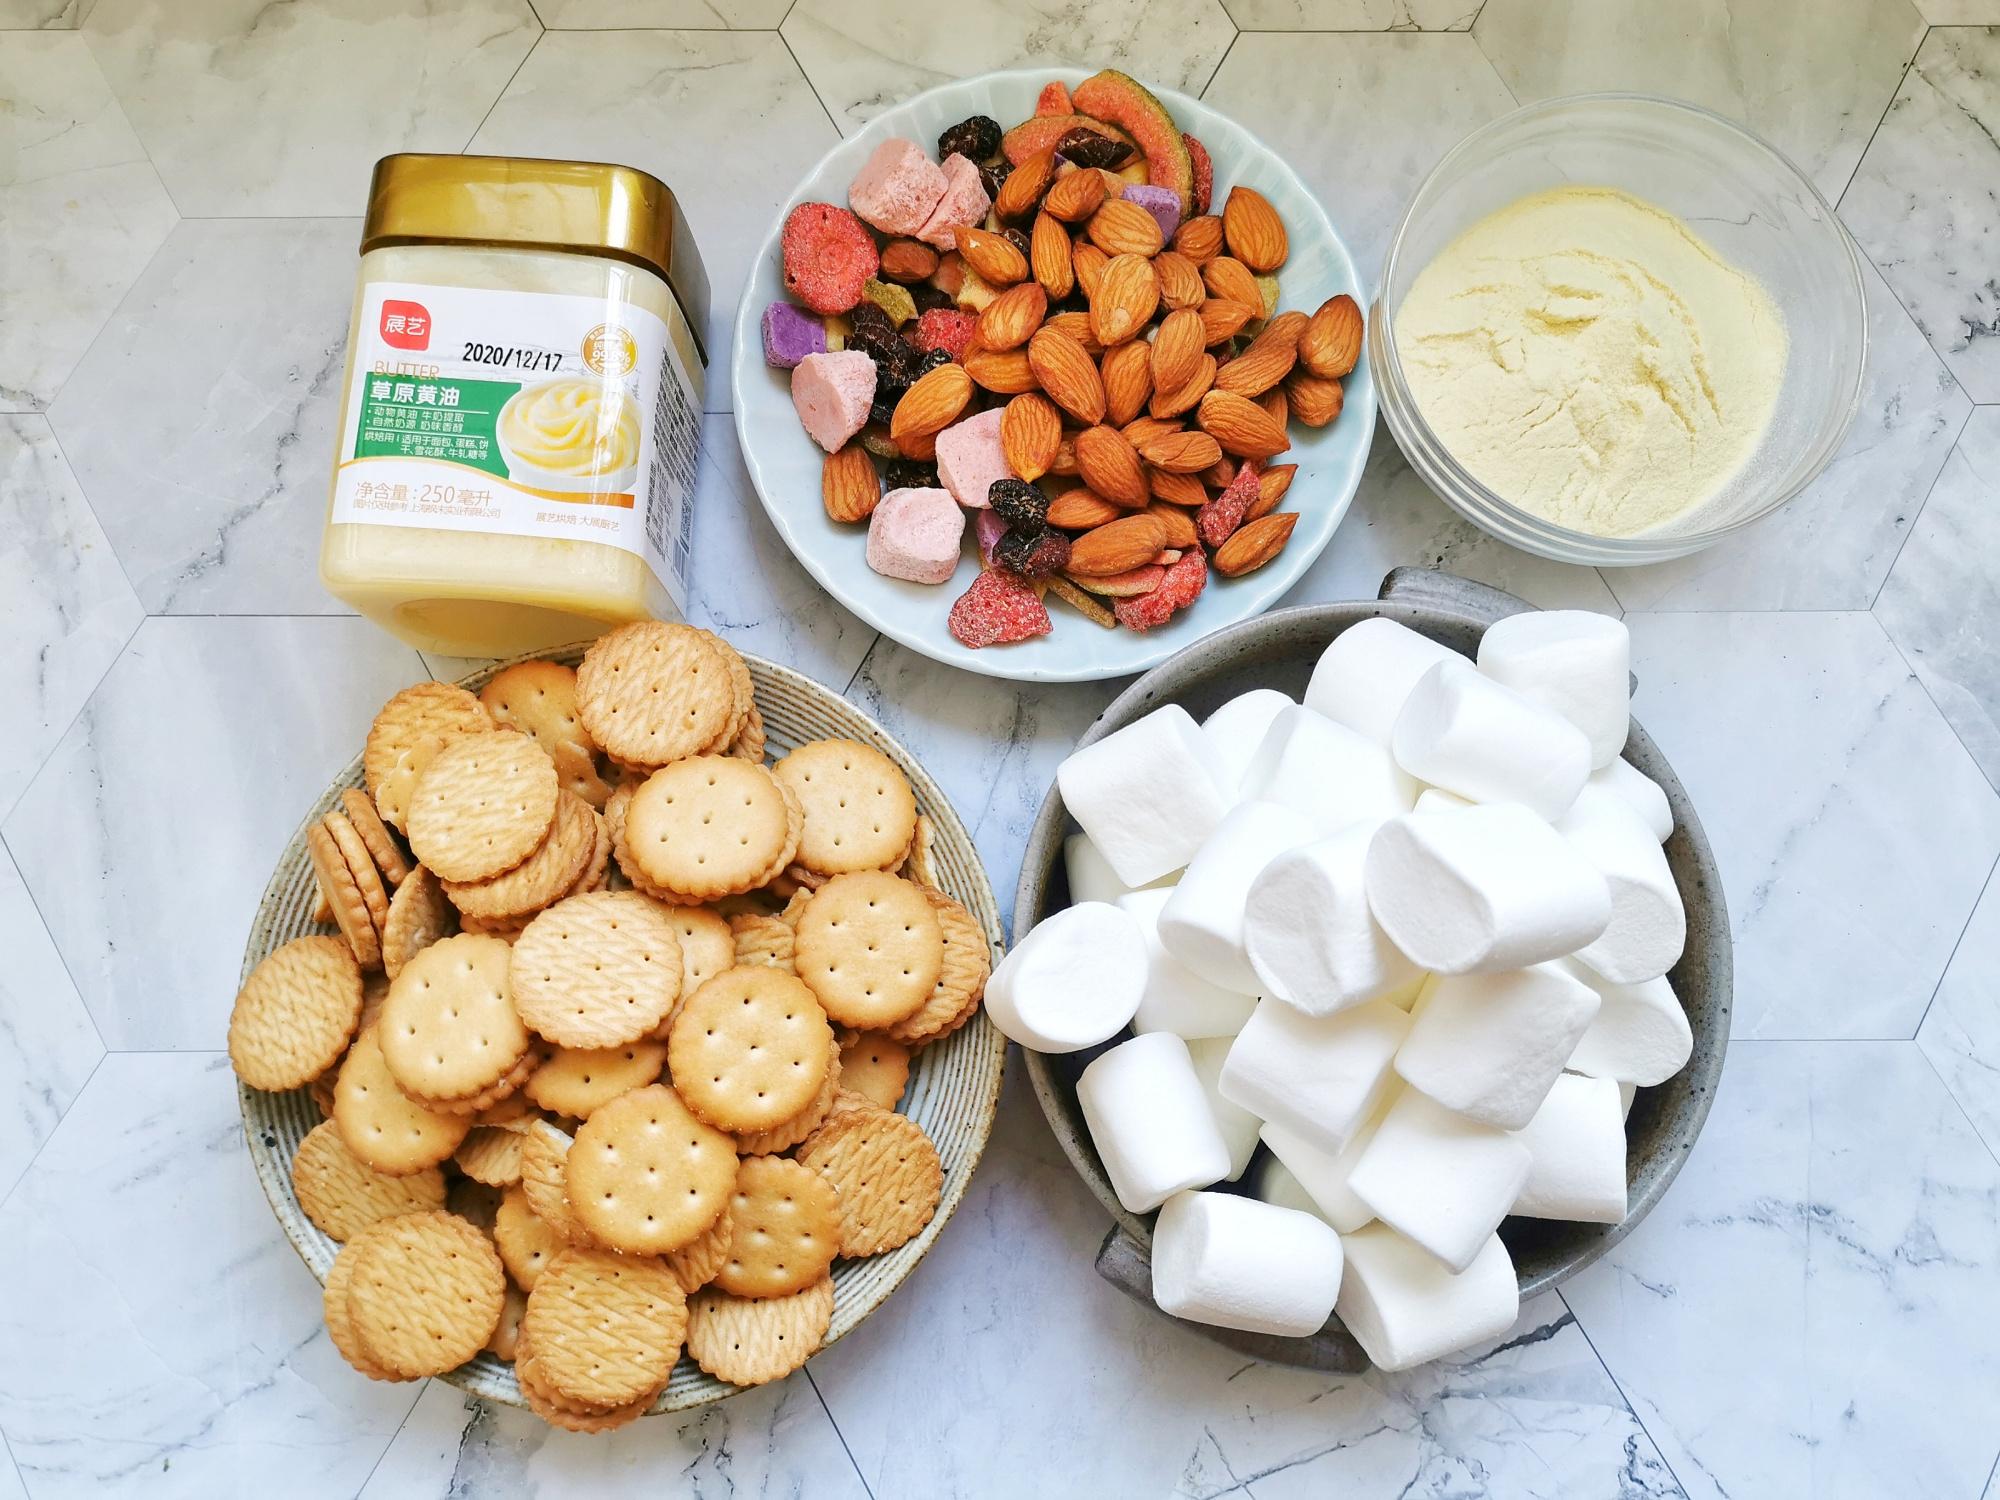 教你做雪花酥,不用奶粉甜而不膩,過年招待客人,比牛軋糖還好吃